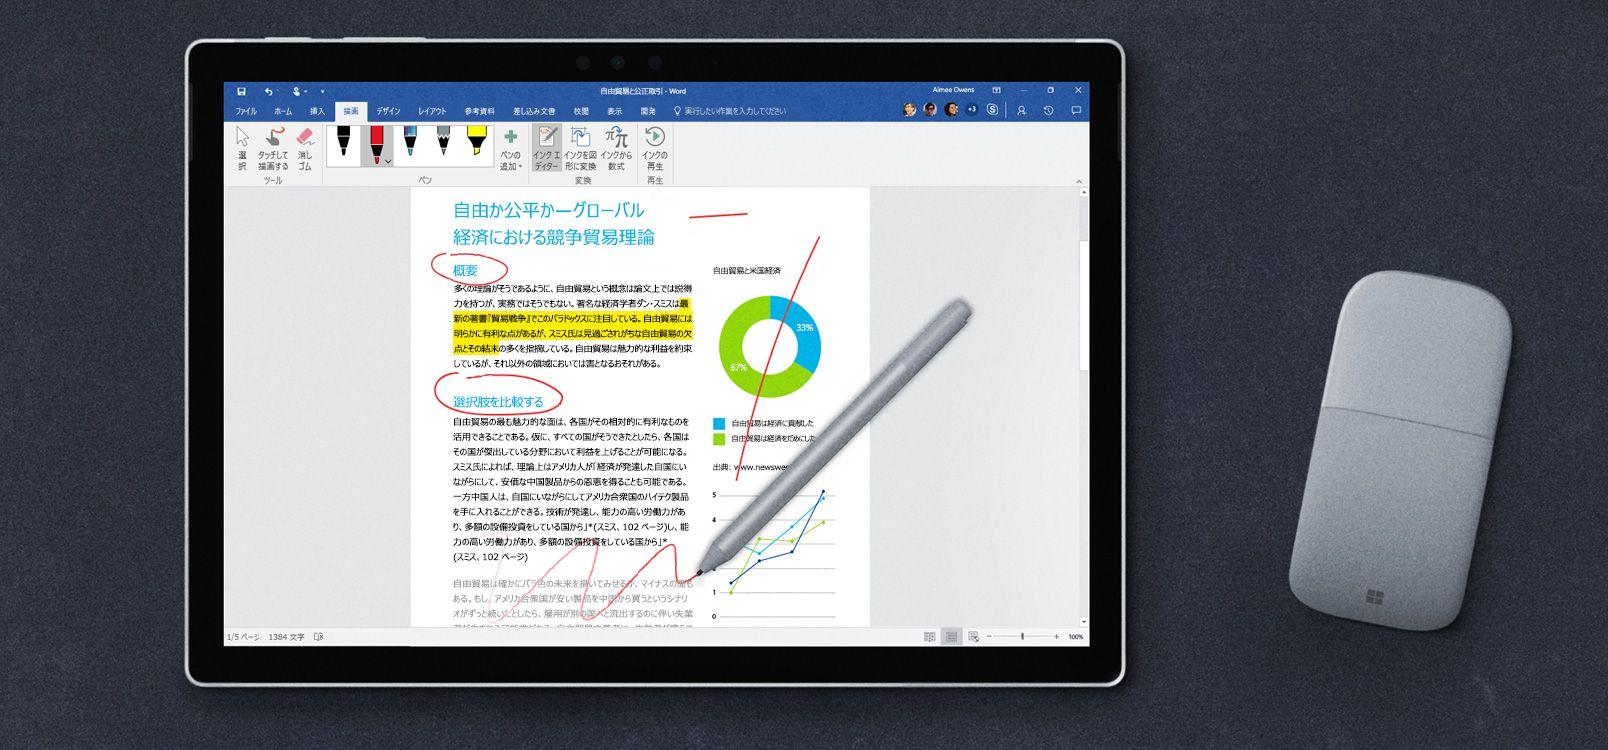 タブレット画面にインク エディターが表示されています